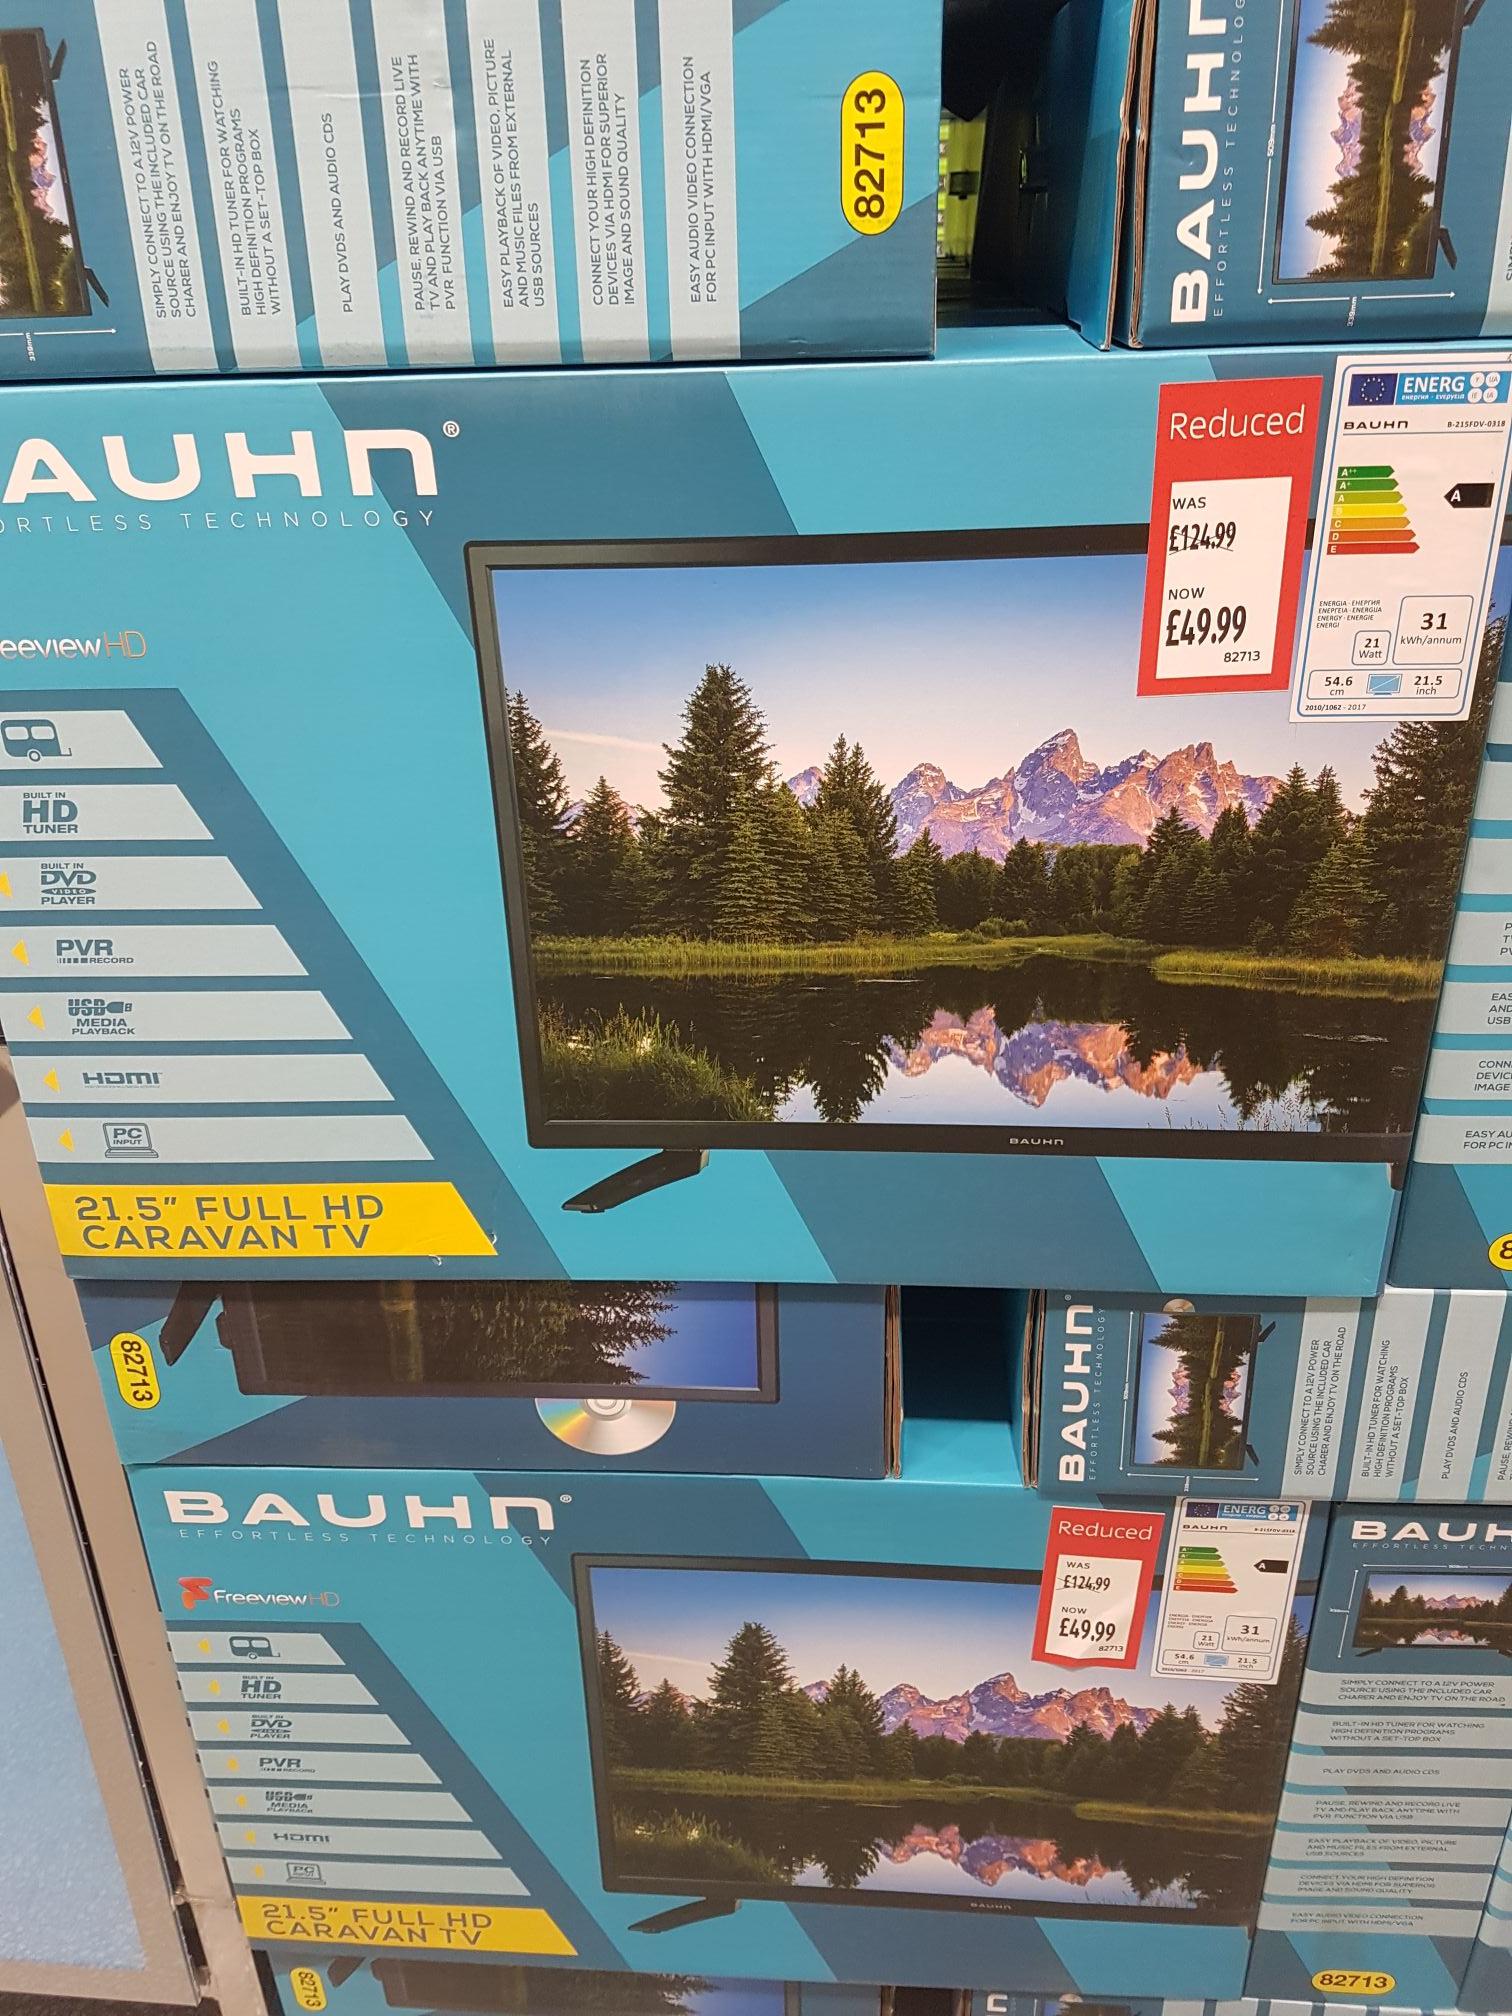 """Bauhn 21.5"""" Caravan TV/DVD. Aldi - £49.99 instore"""